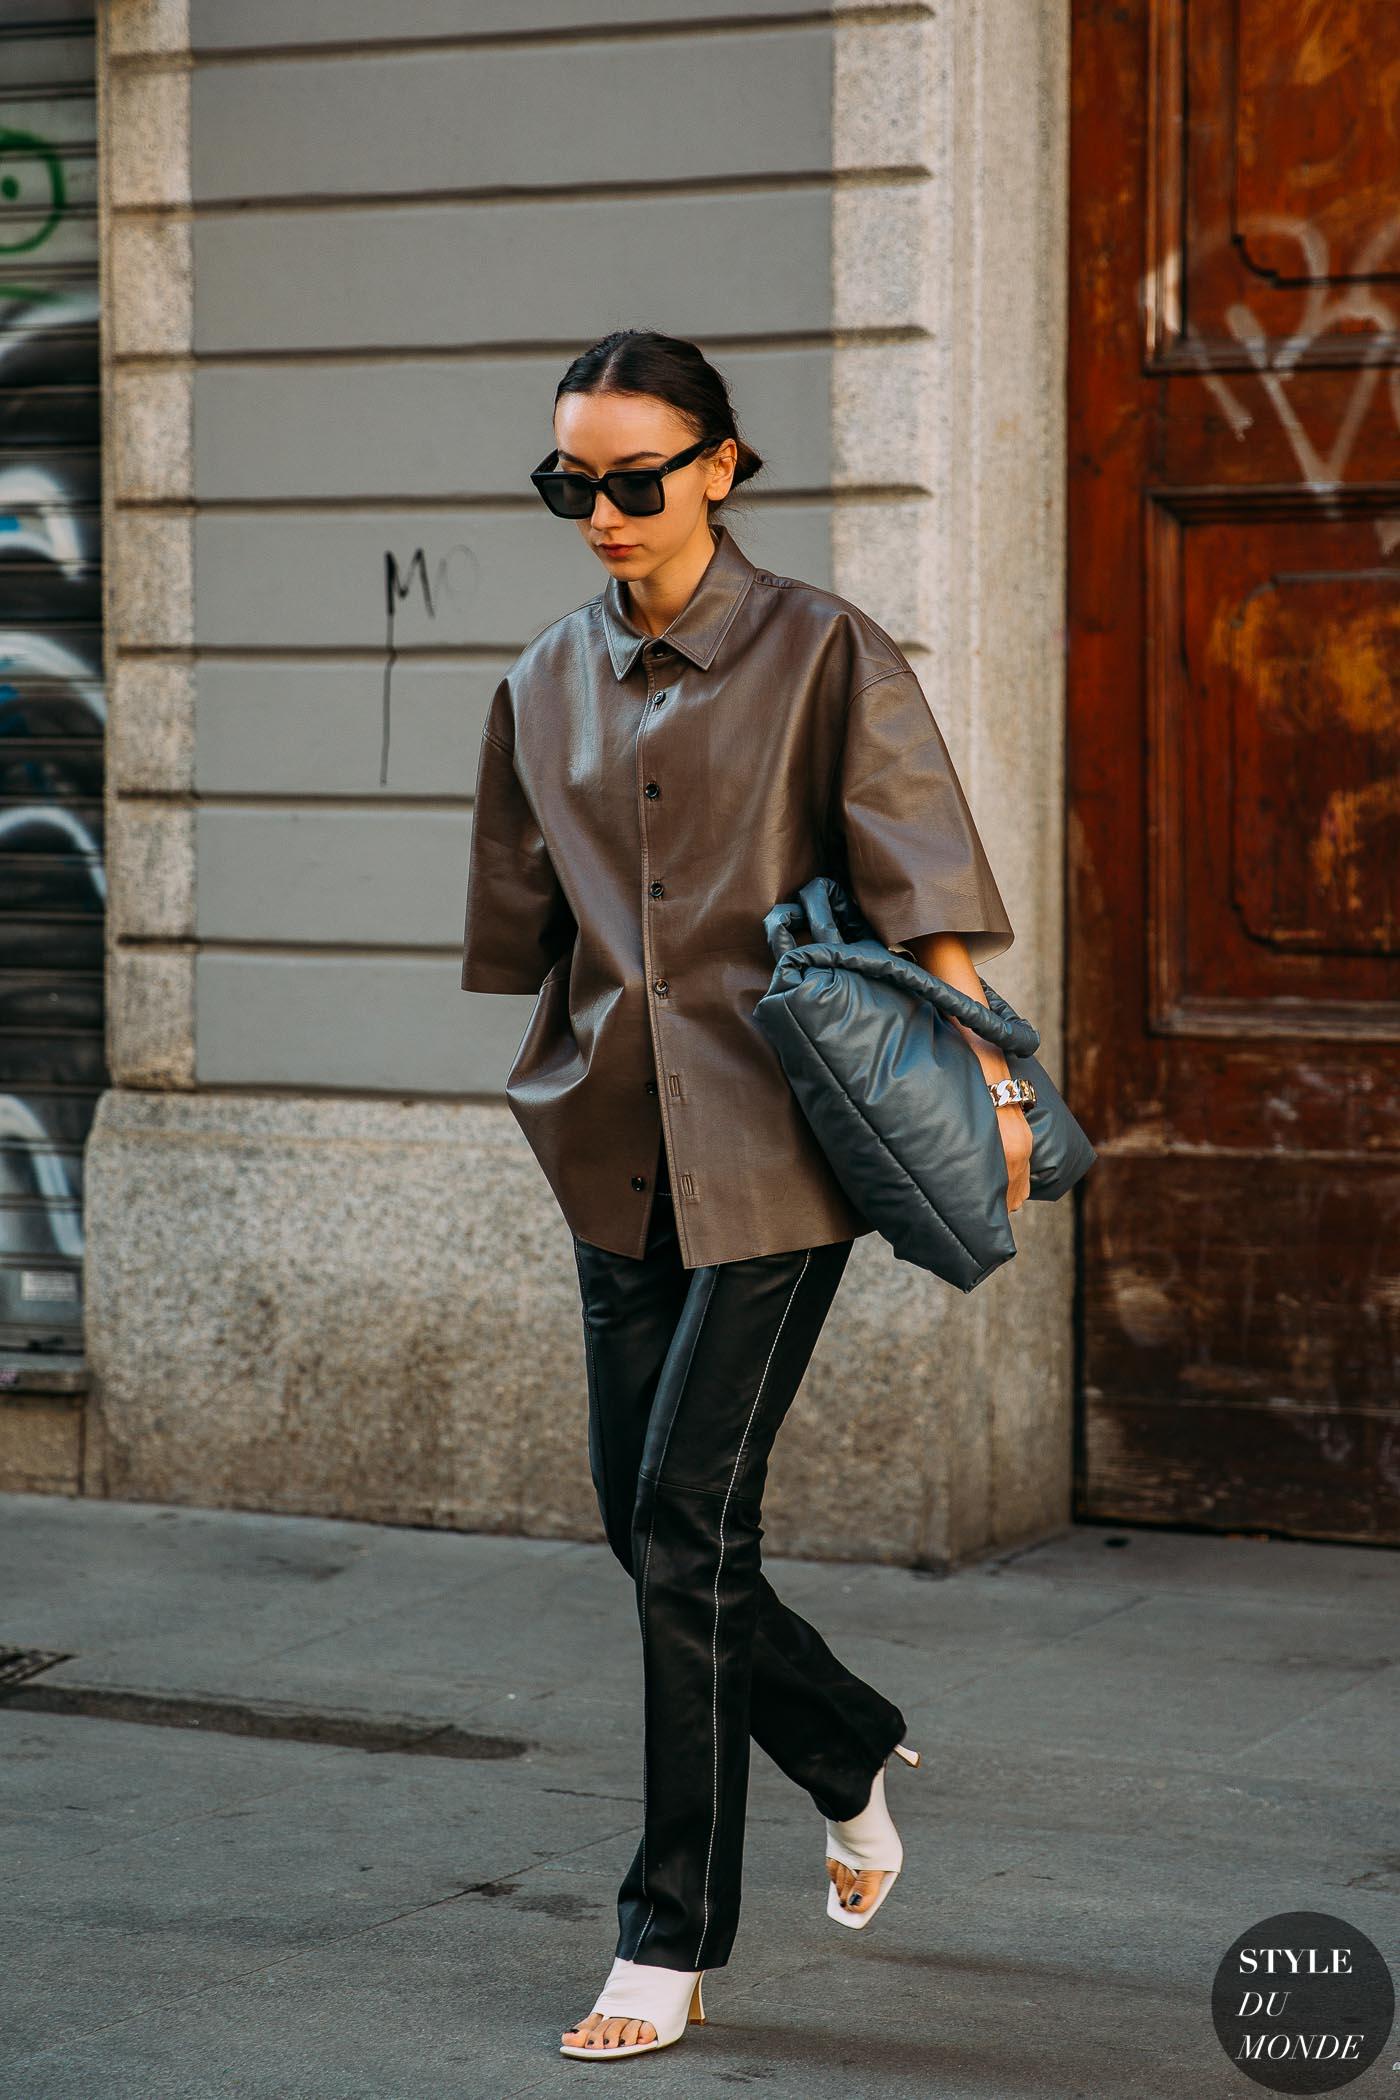 cô gái mặc đồ da nâu và quần đen street style